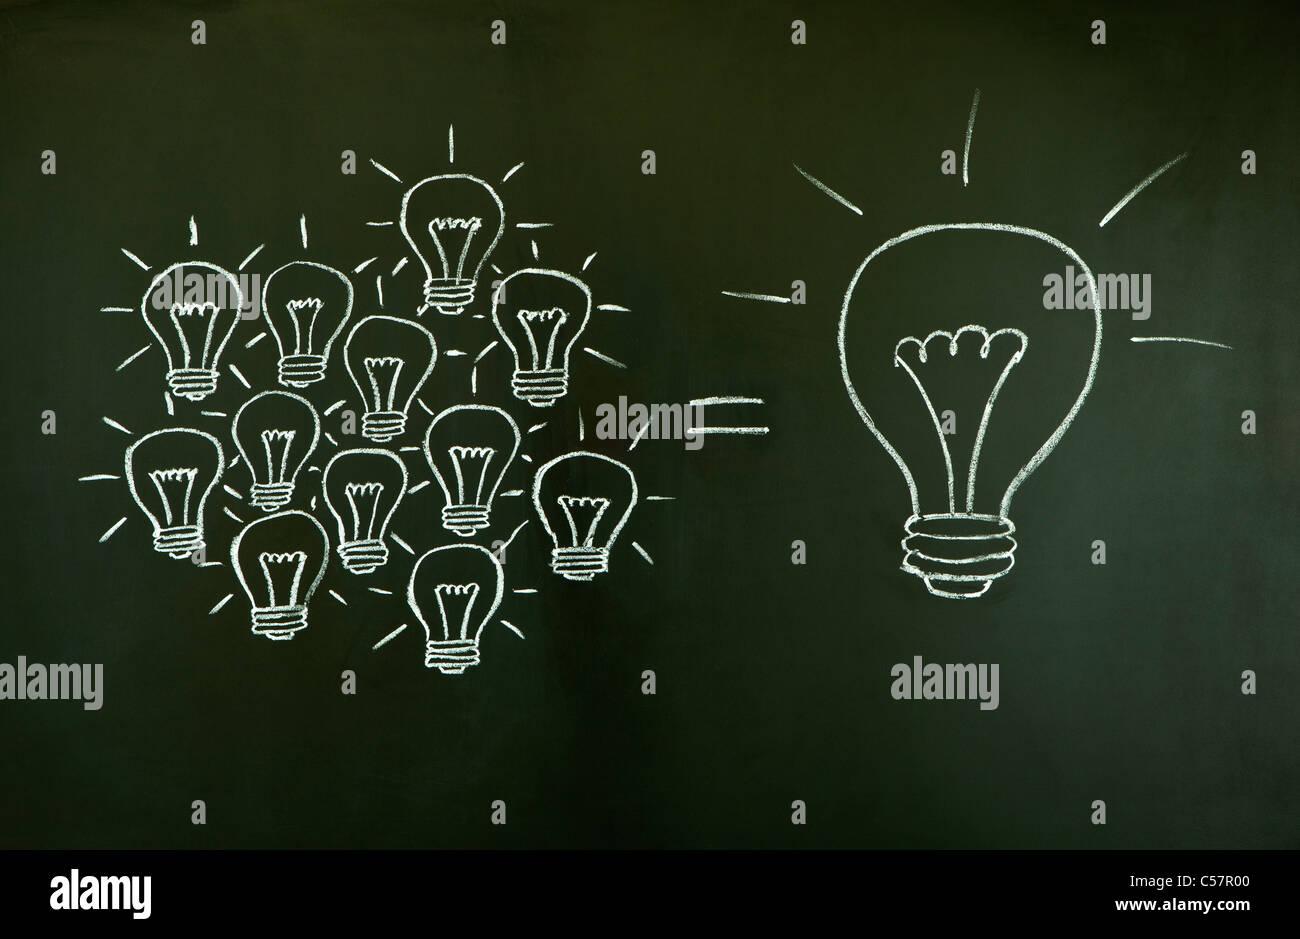 Muchas pequeñas ideas igual una grande, ilustrado dibujado con tiza en una pizarra de bombillas. Foto de stock